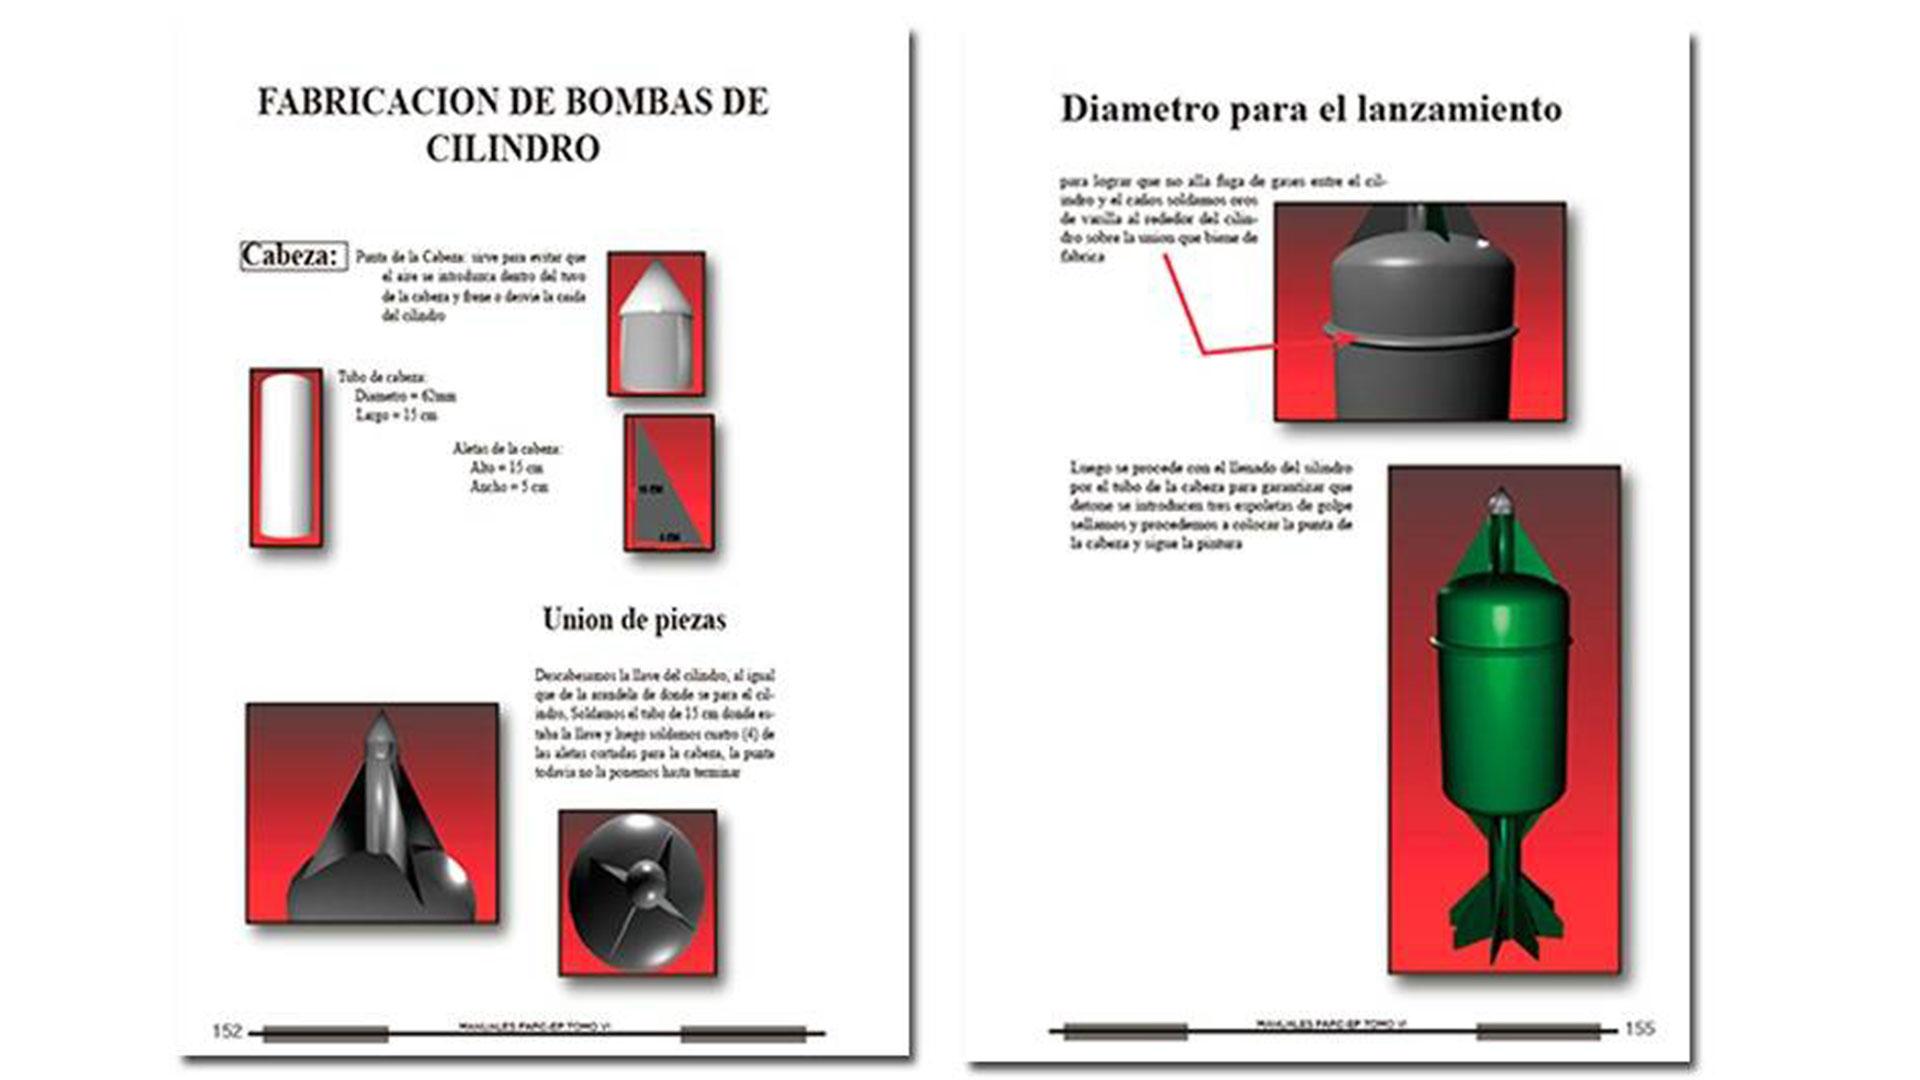 Instrucciones para fabricar cilindros explosivos (Foto Semana).